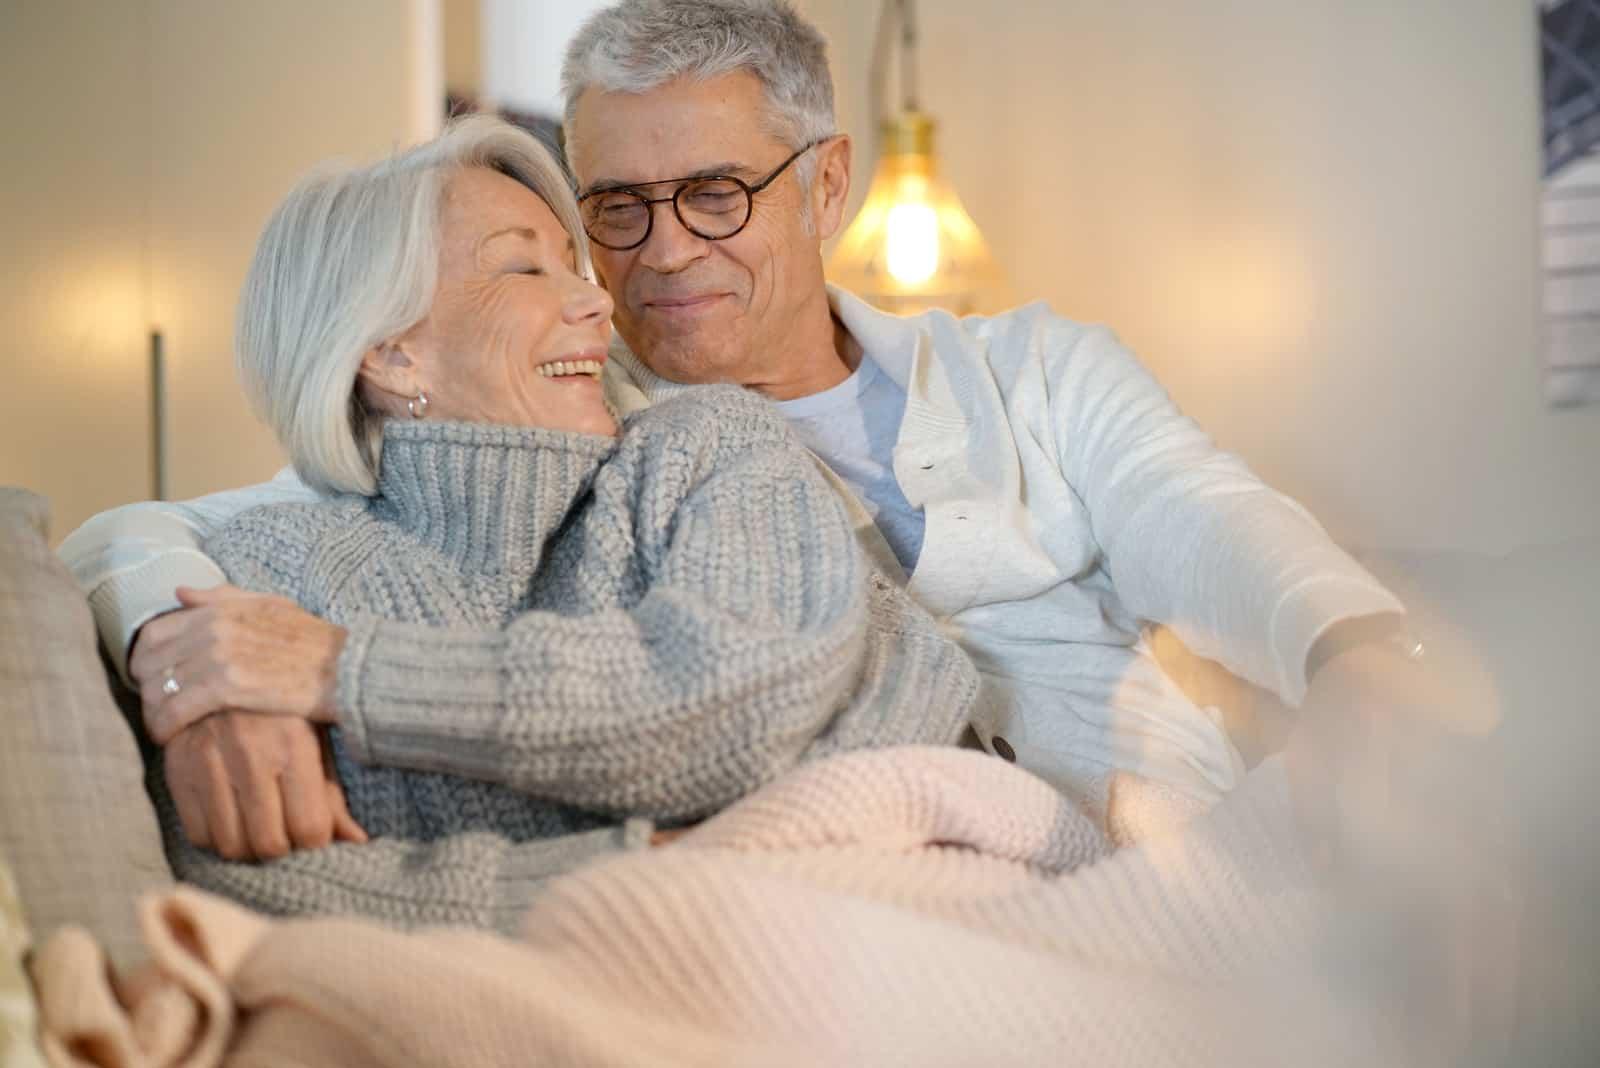 Ein glückliches älteres Ehepaar sitzt auf einem Sofa und umarmt sich